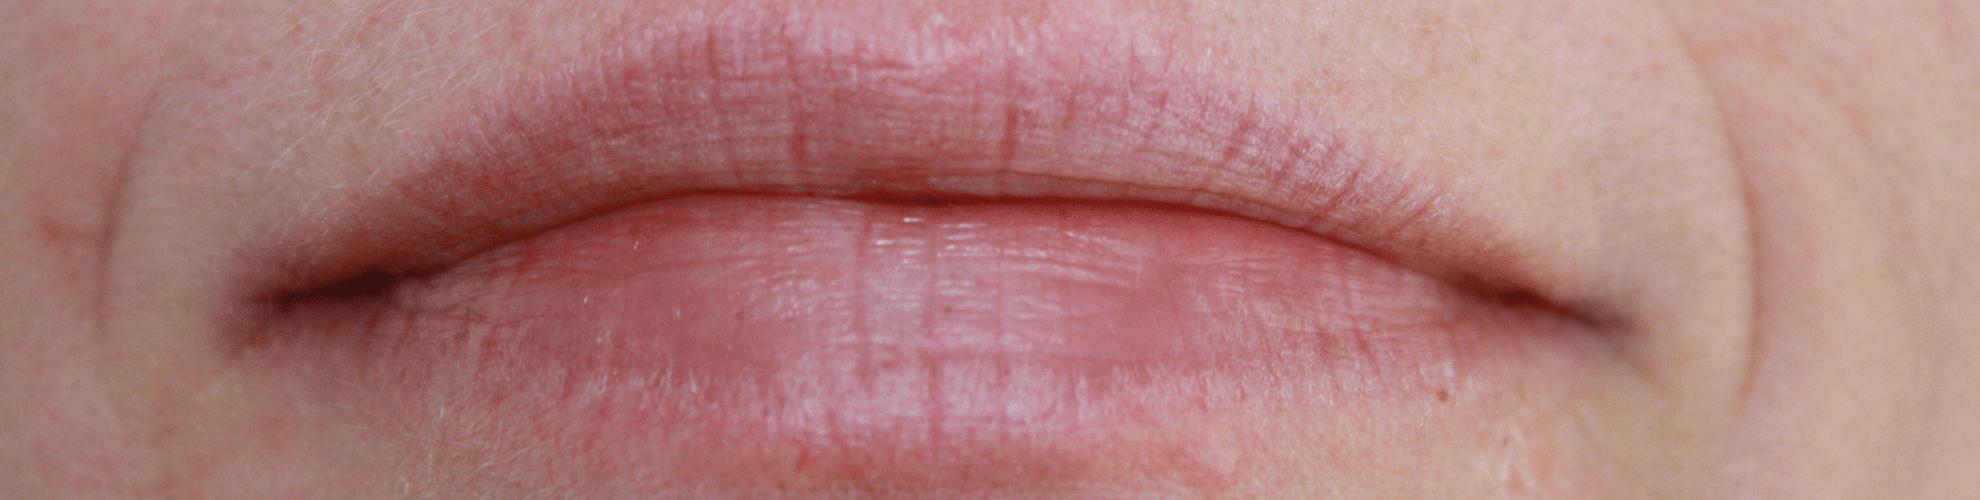 Brændende fornemmelse i munden